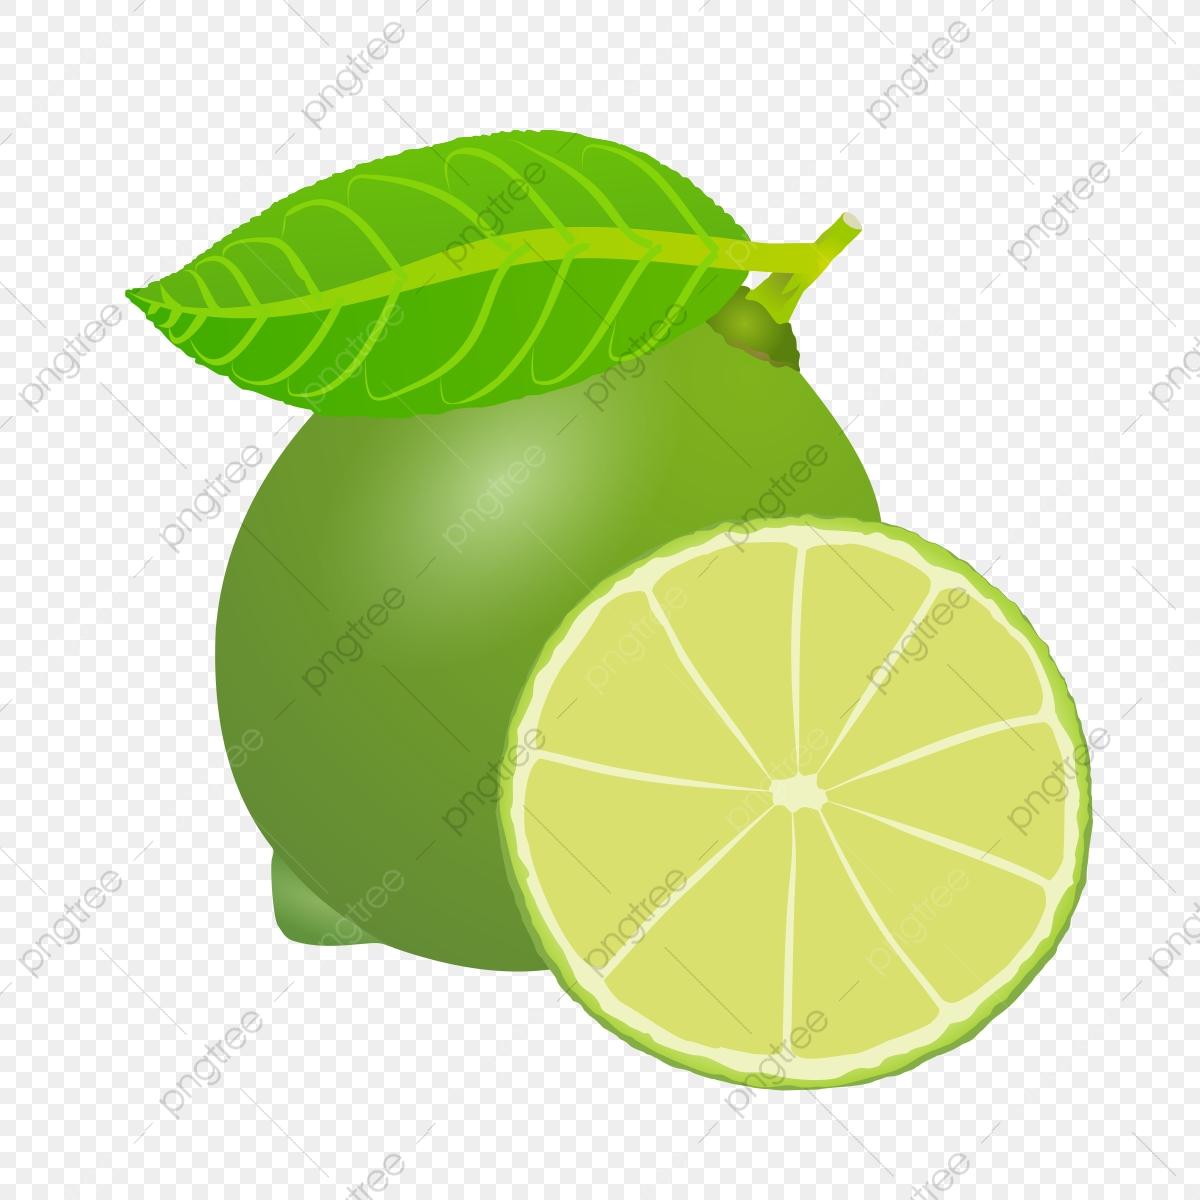 Lemons clipart limon. Lemon mint png transparent